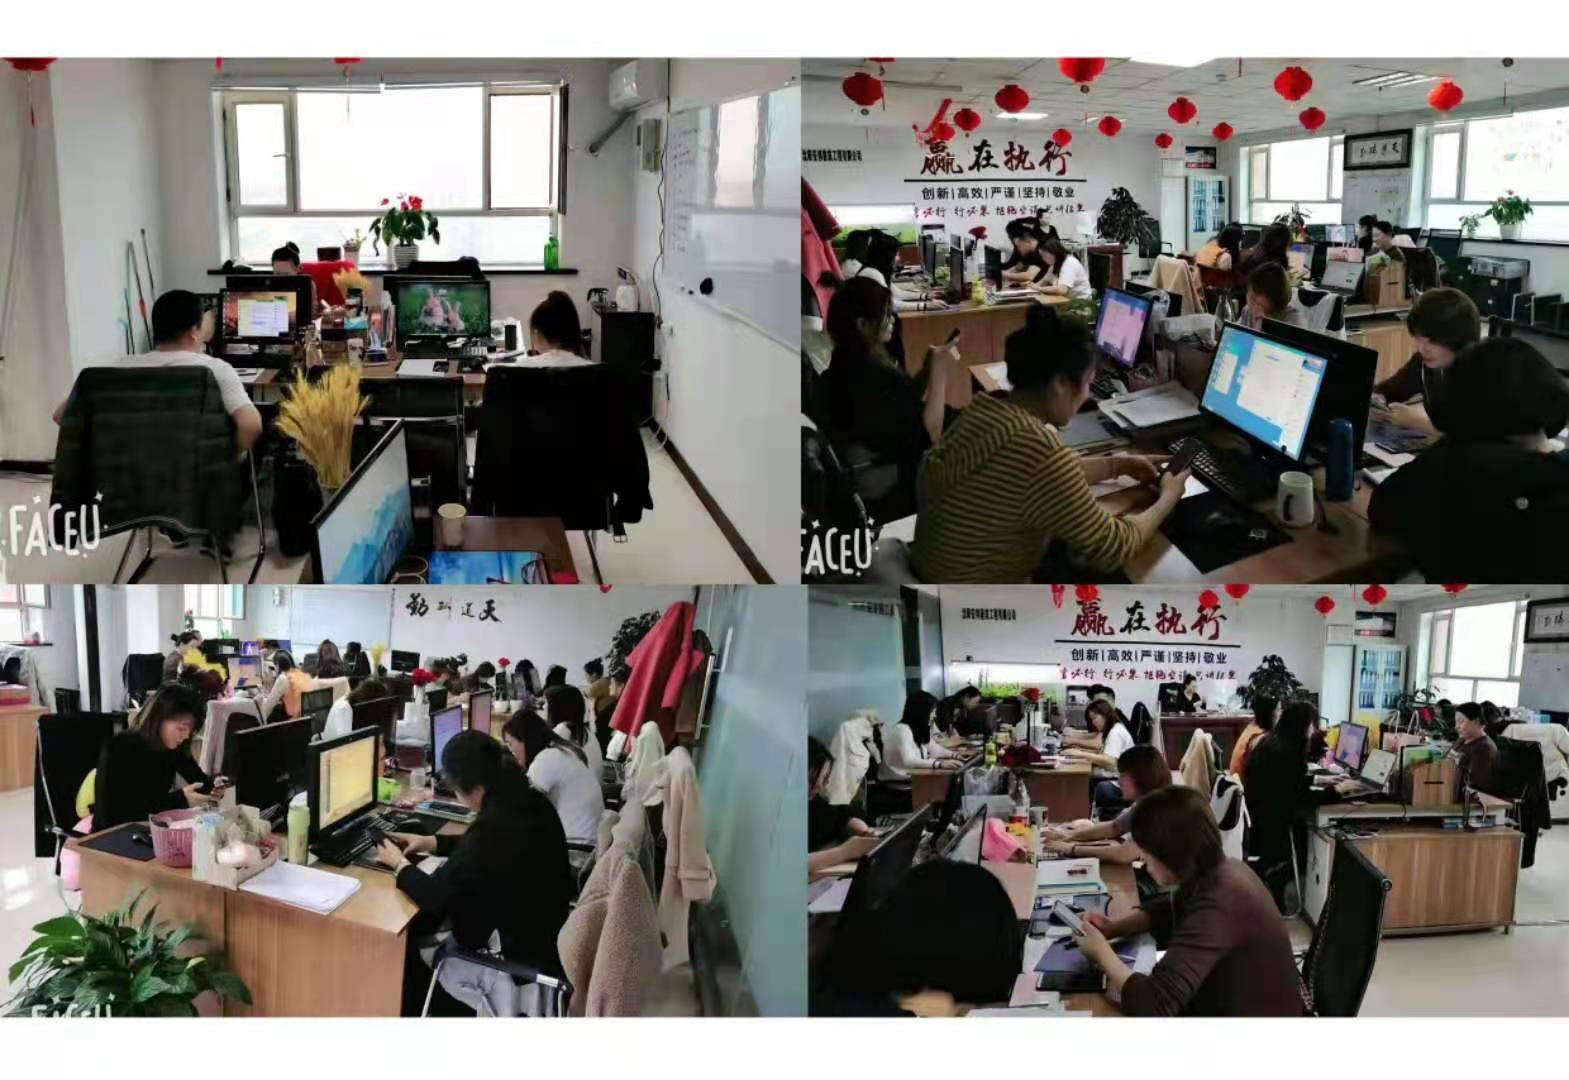 招聘建筑客服10人,室内电脑办公